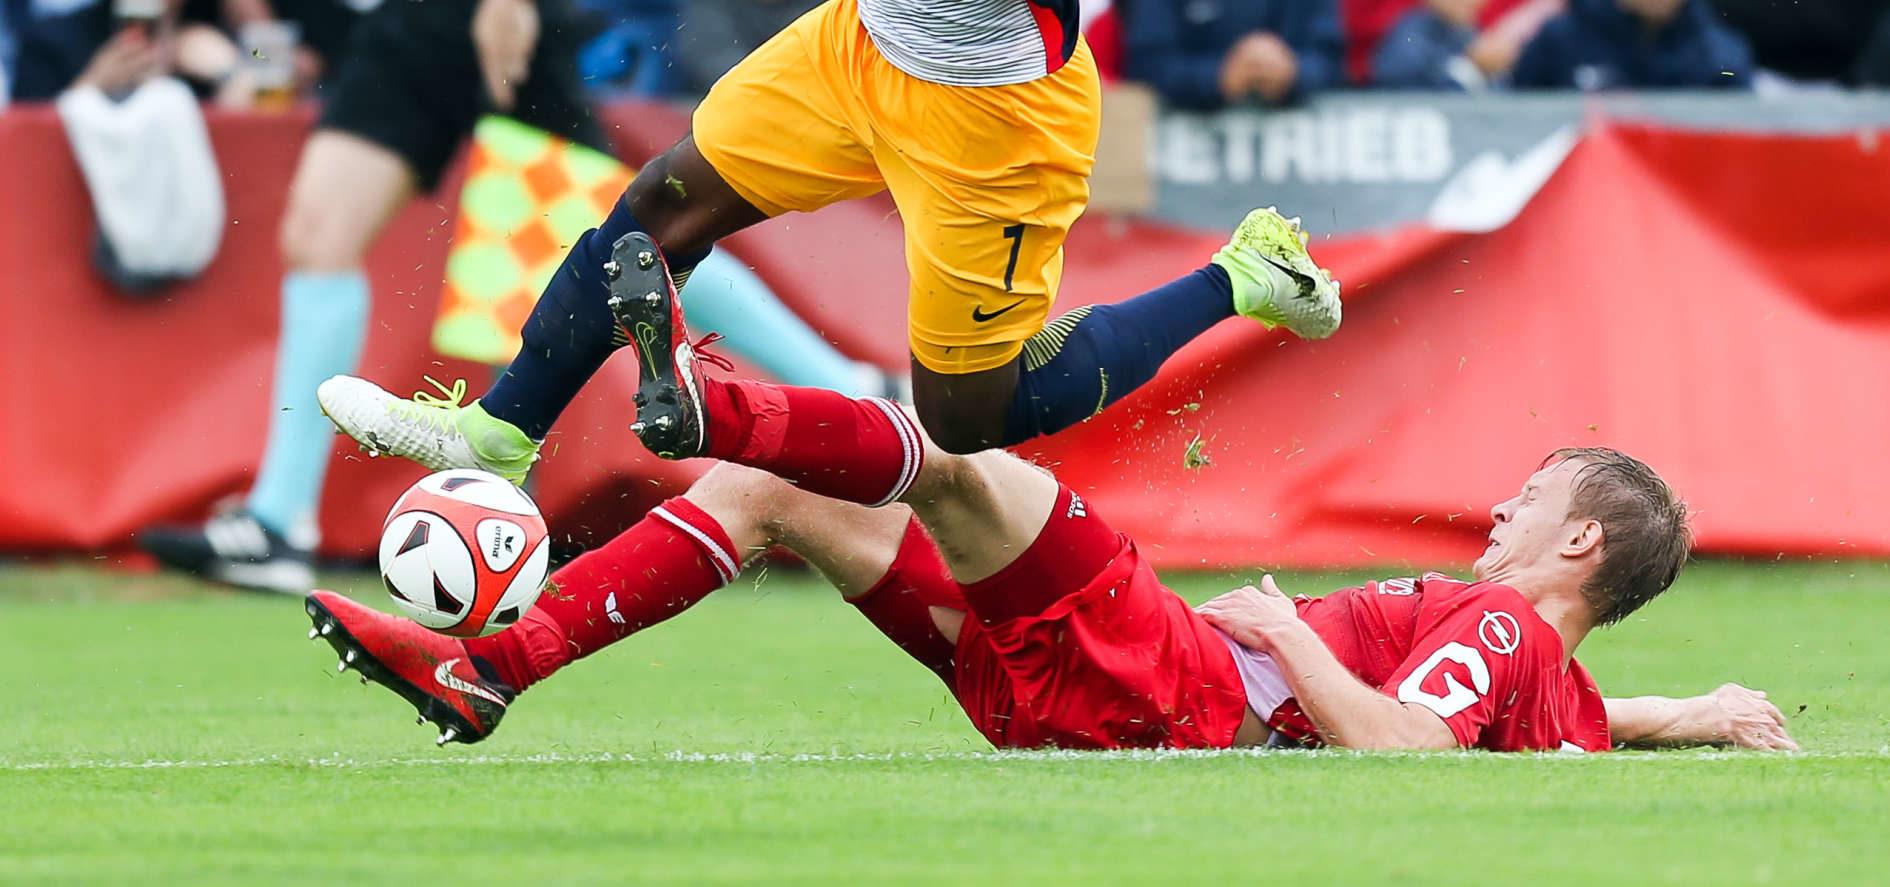 Nach der Führung durch Xaver Schlager machte Reinhold Yabo (Bild) mit den Toren zum 2:0 und 3:0 für Salzburg ind Oedt rasch alles klar